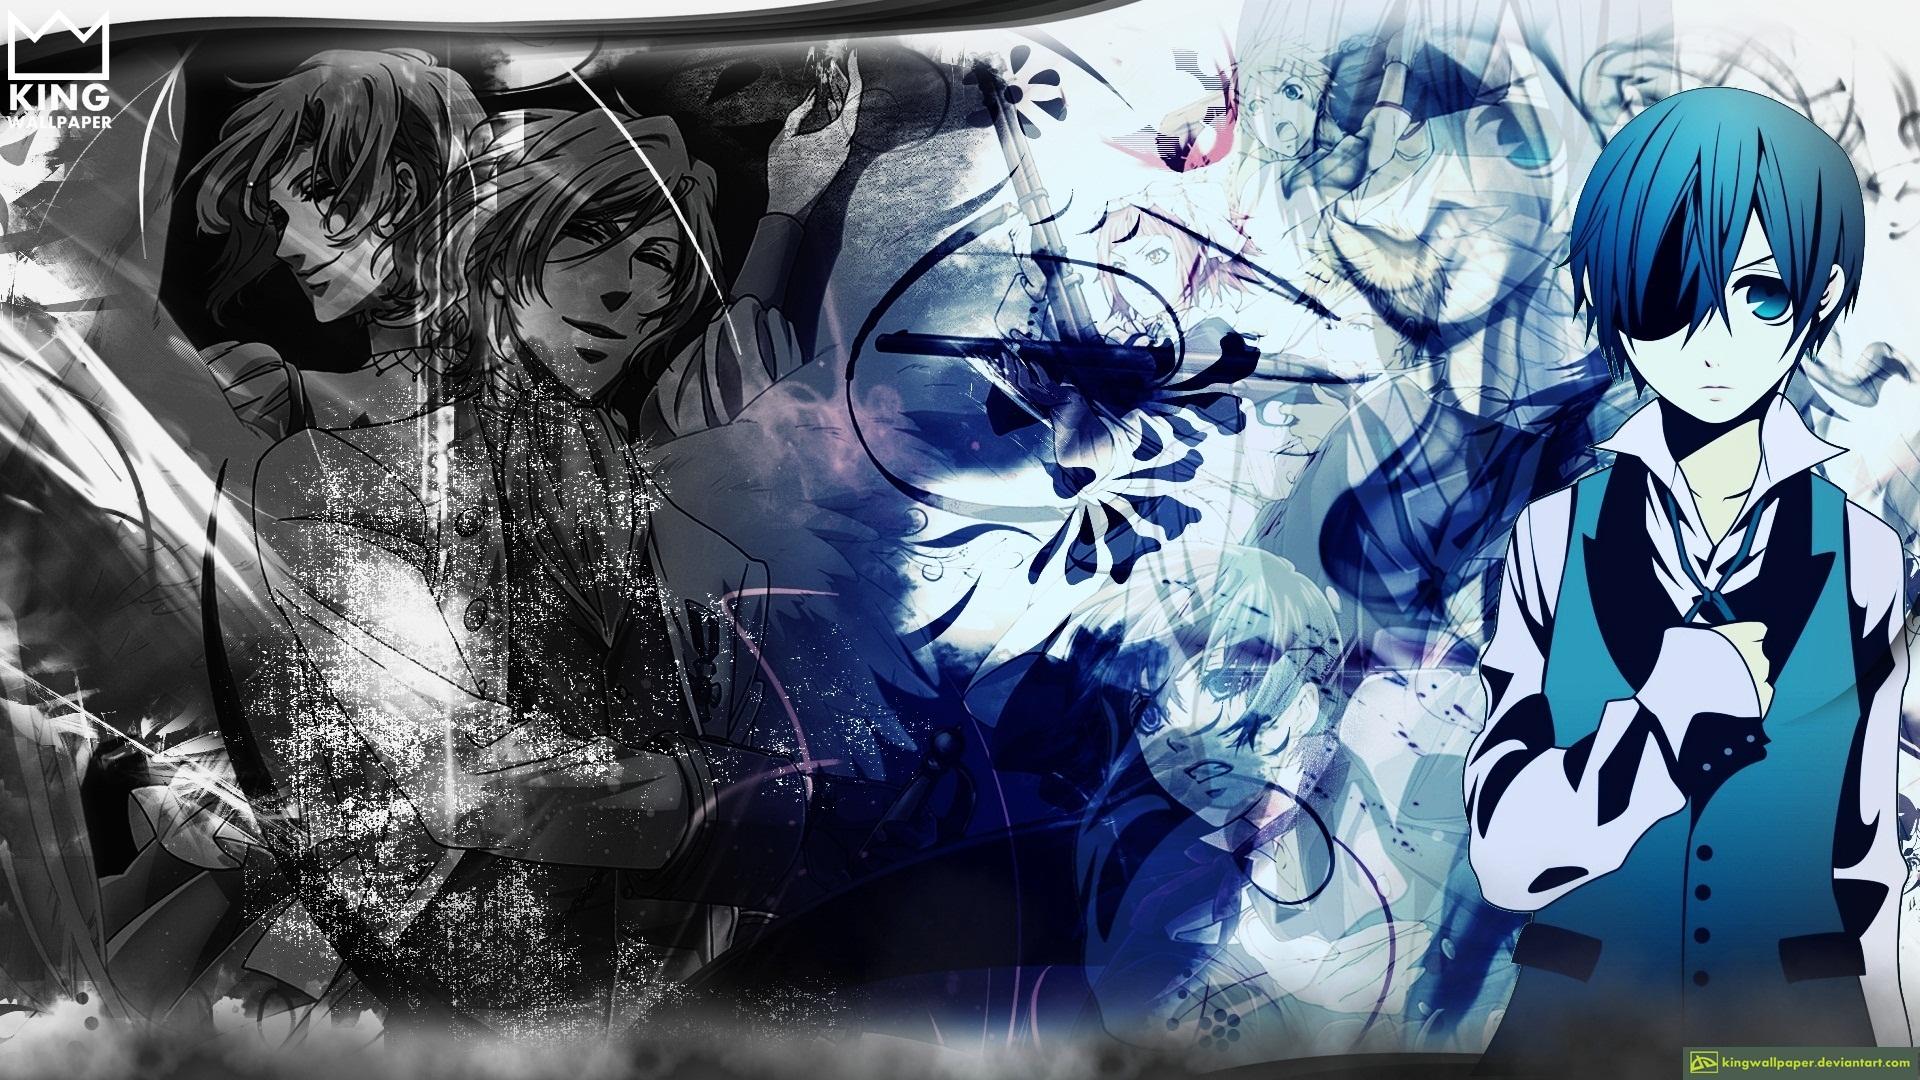 ciel wallpaper kuroshitsuji by kingwallpaper on deviantart